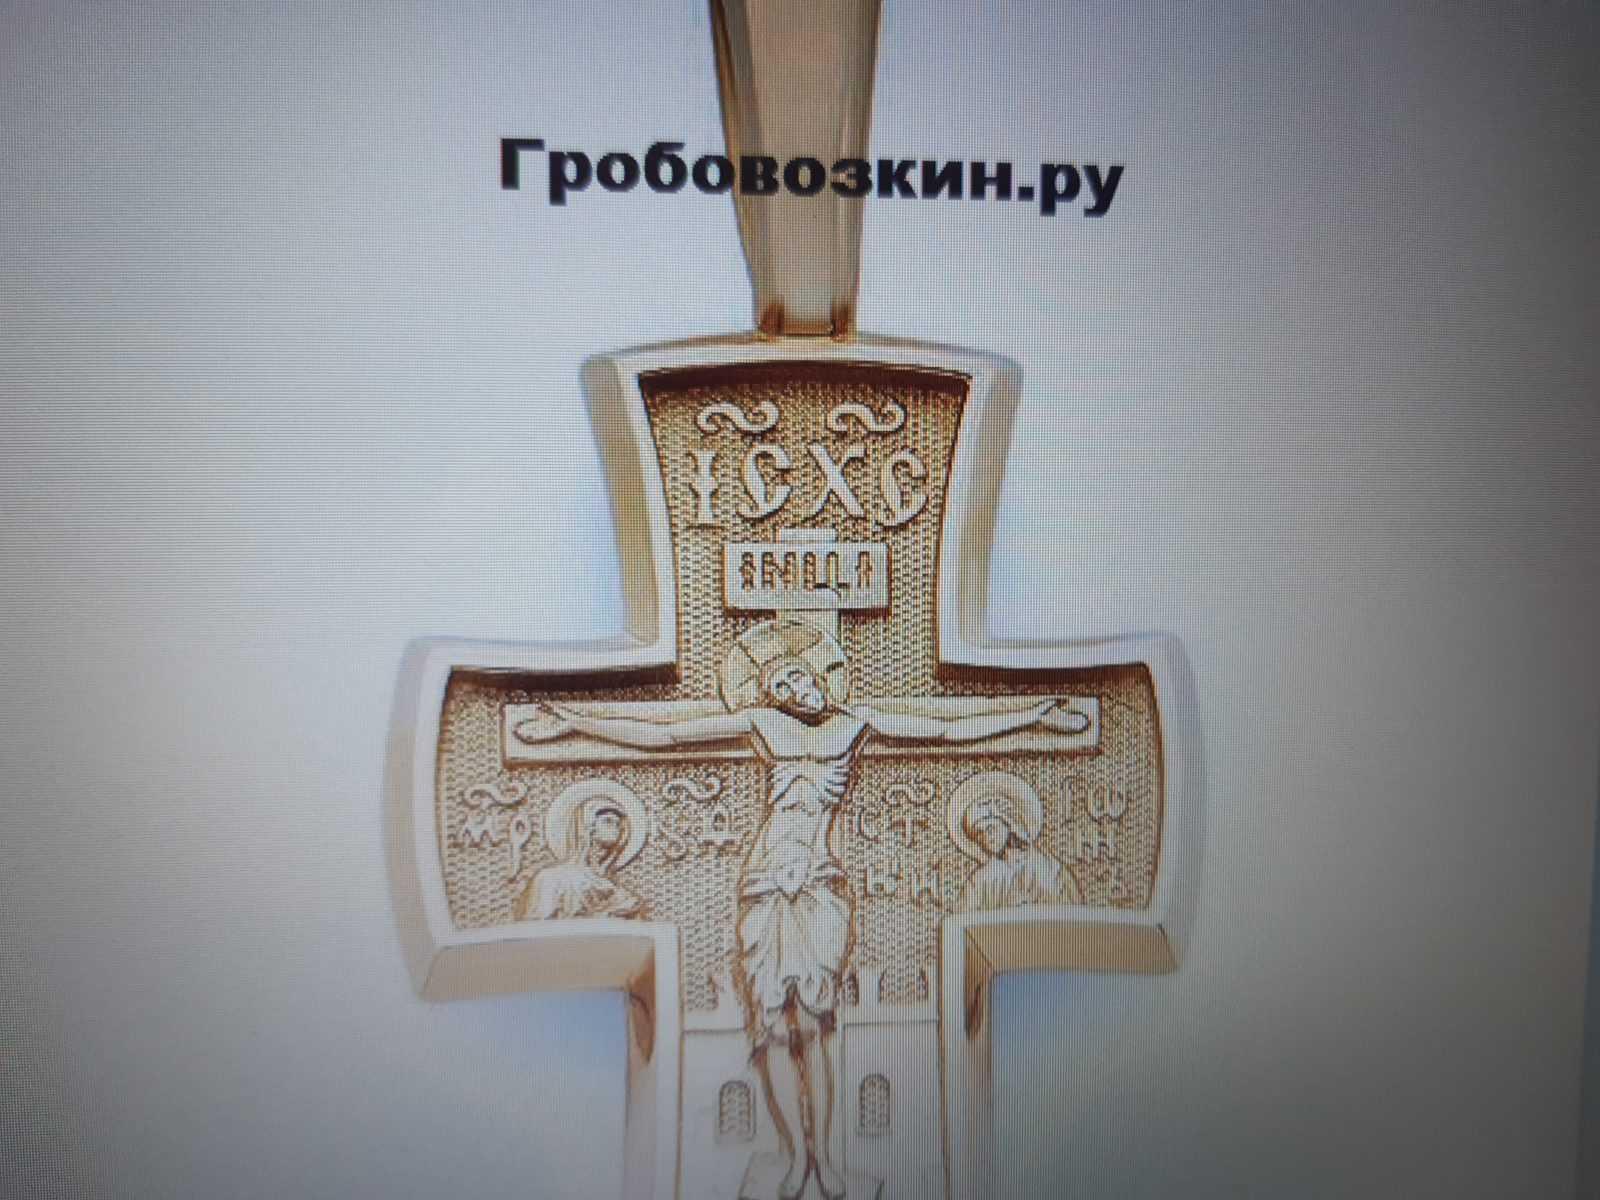 Можно ли носить крестик умершего родственника | «Гробовозкин»